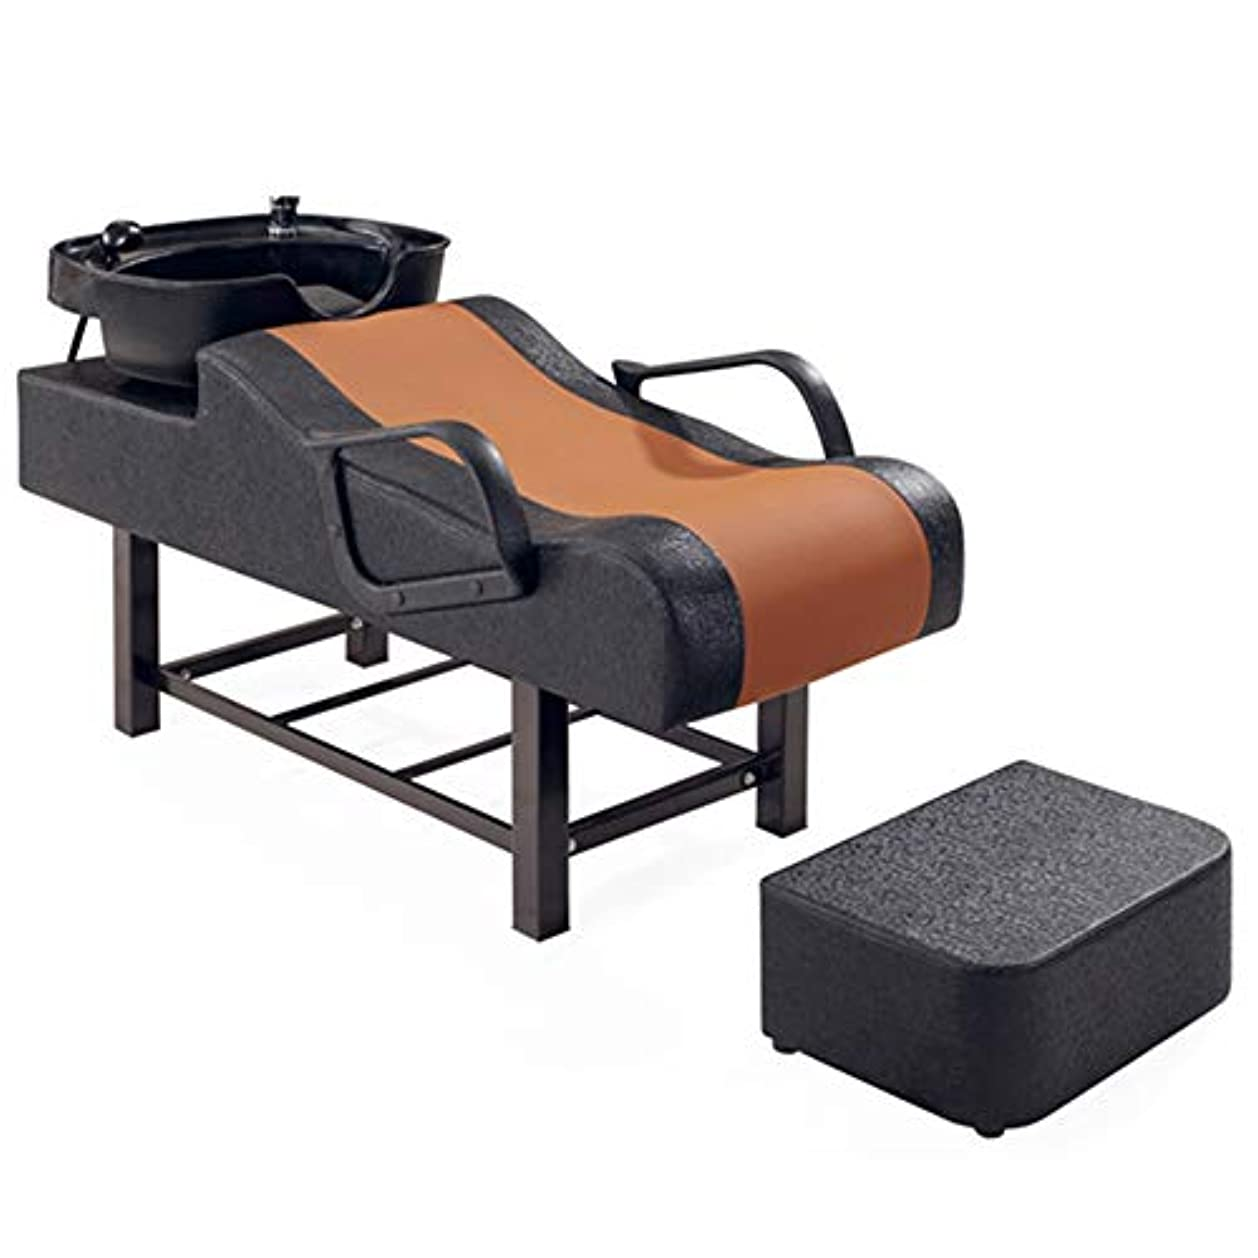 肥沃なコカインビバシャンプーの理髪師の逆洗の椅子、鉱泉の美容院の穿孔器のベッドのためのシャンプーボールの流しの椅子